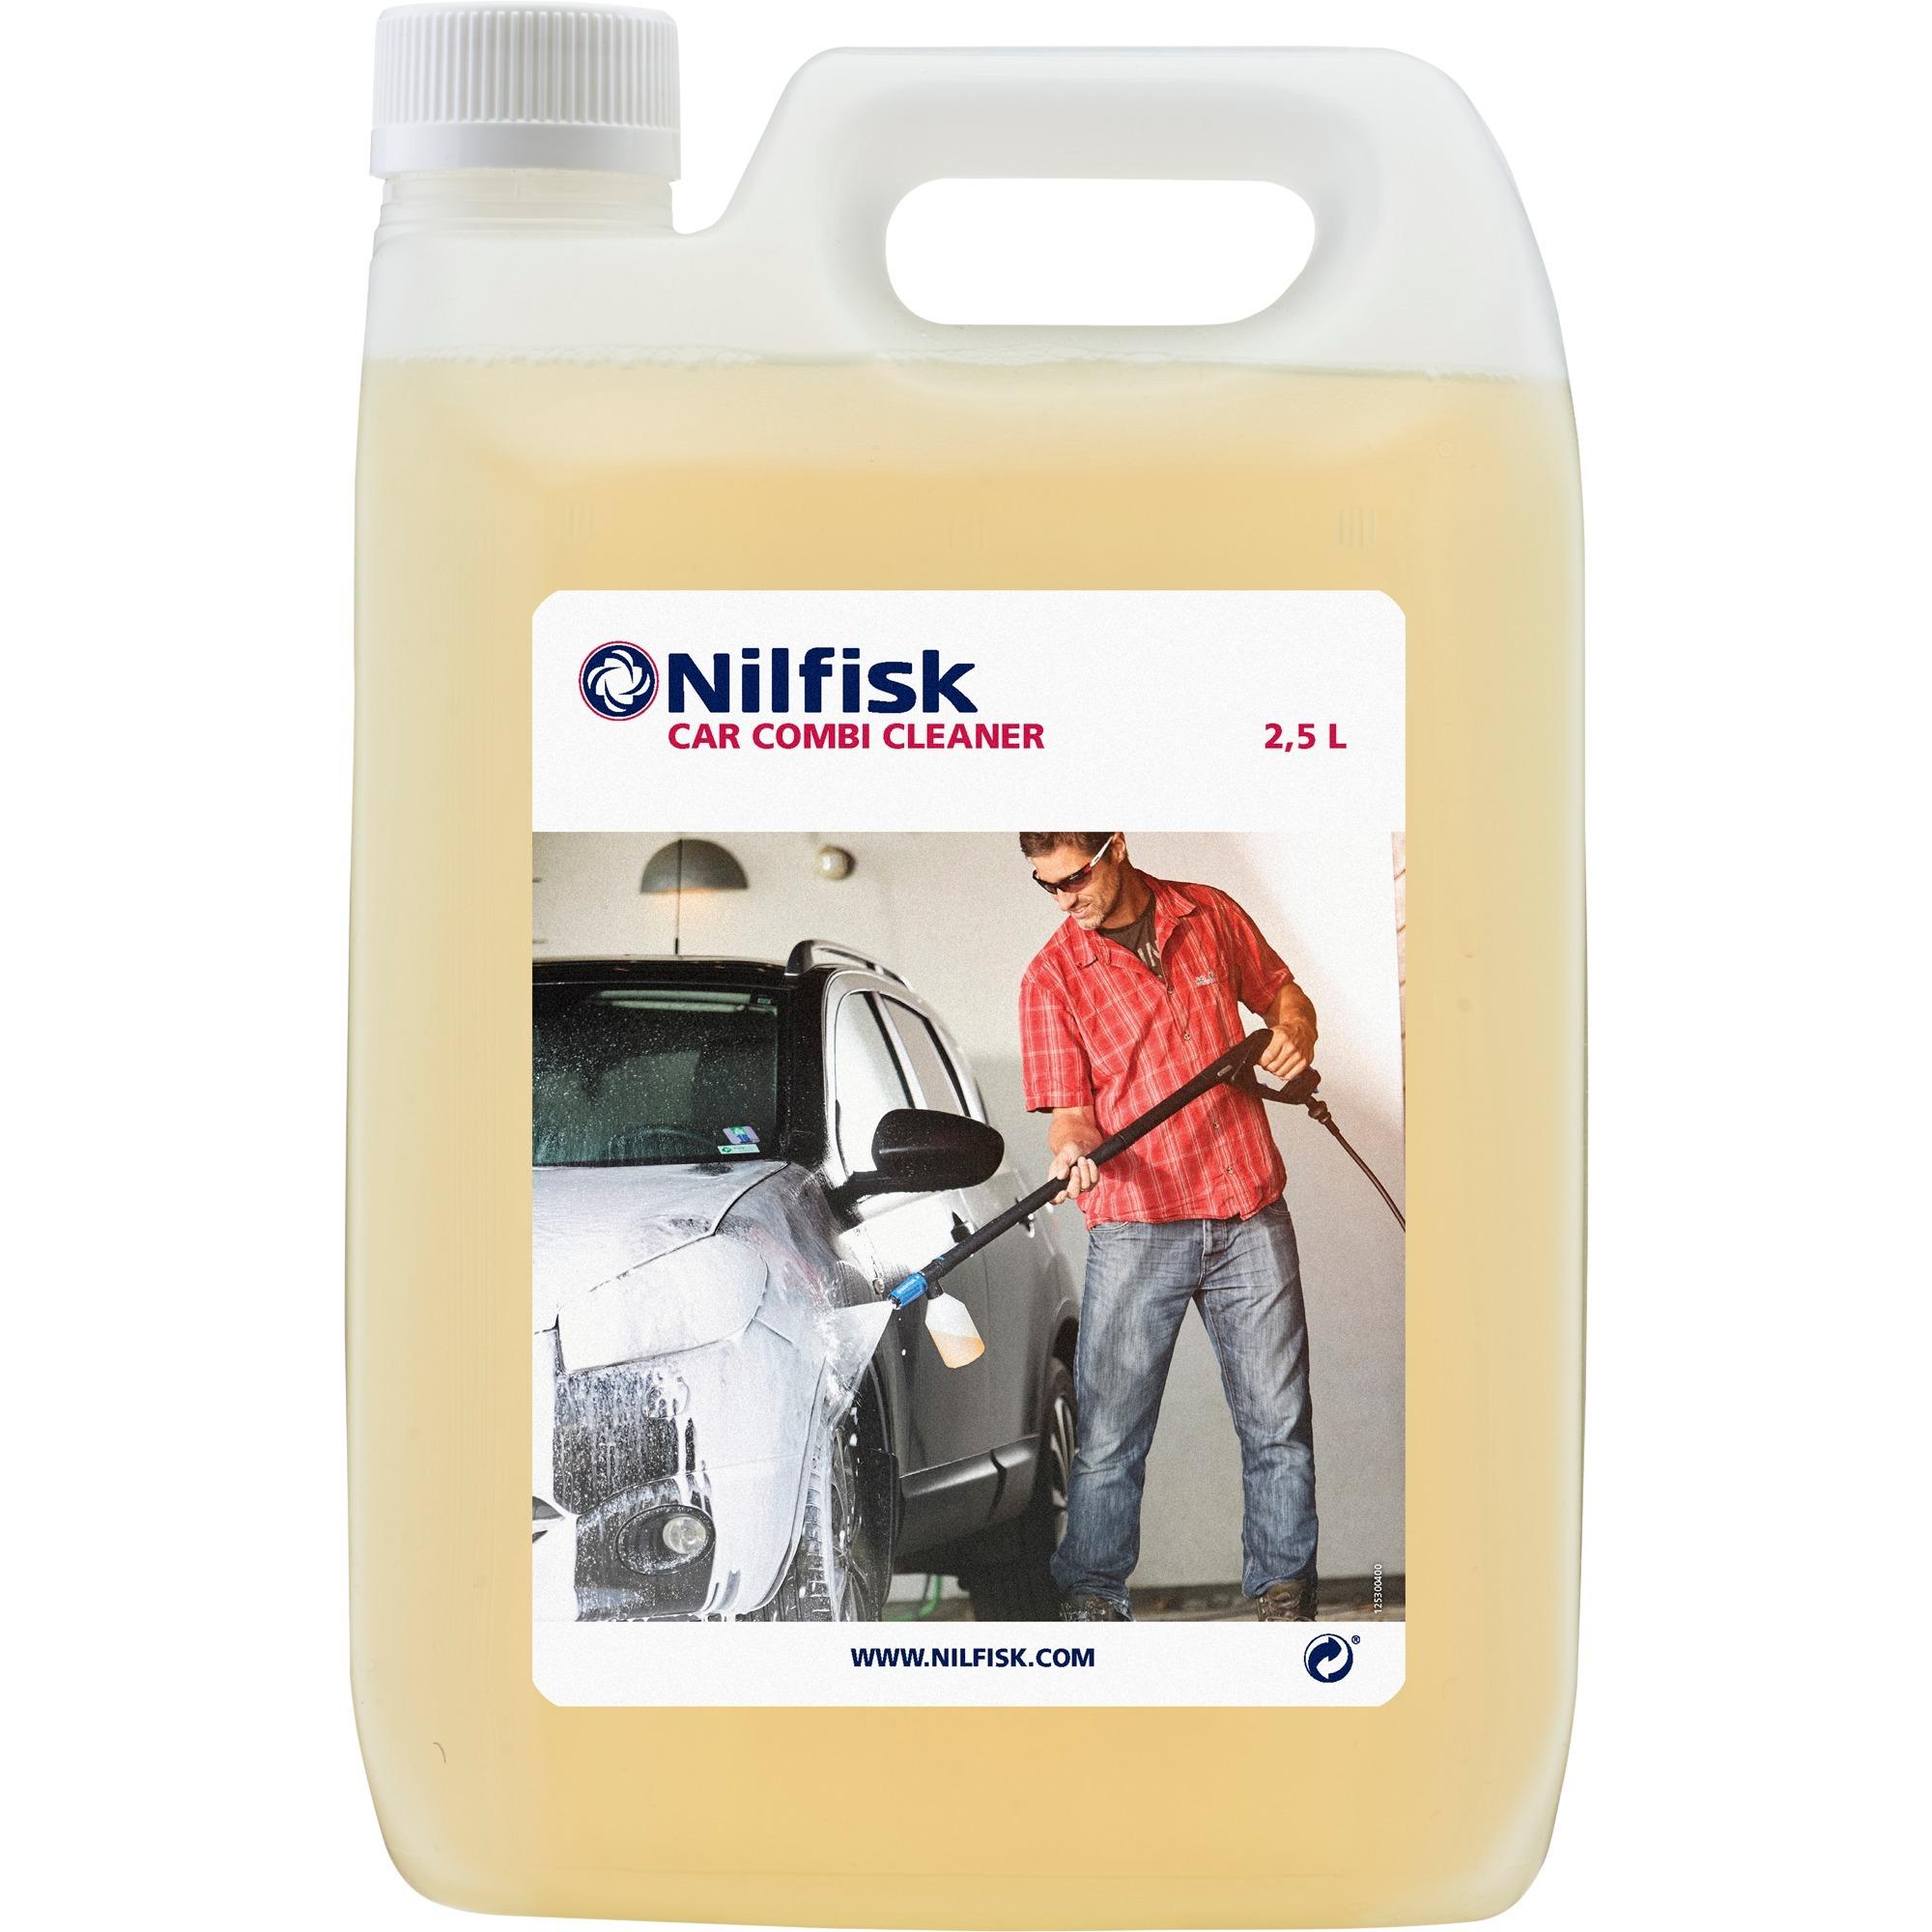 125300390 producto de limpieza y accesorio de vehículo Líquido, Productos de limpieza